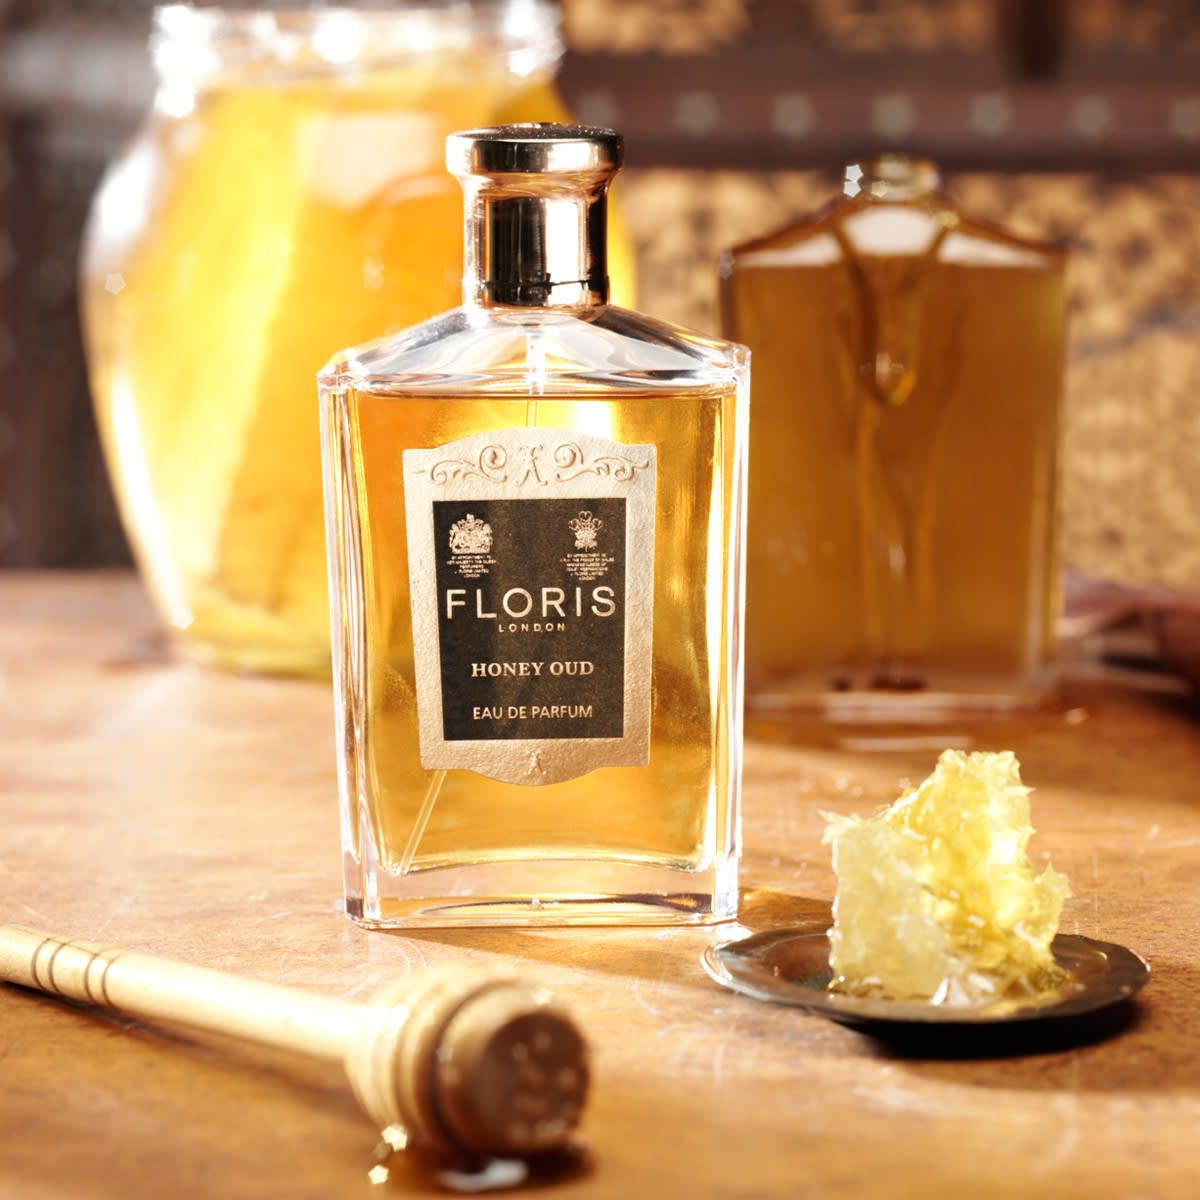 Floris London Honey Oud Eau De Parfum